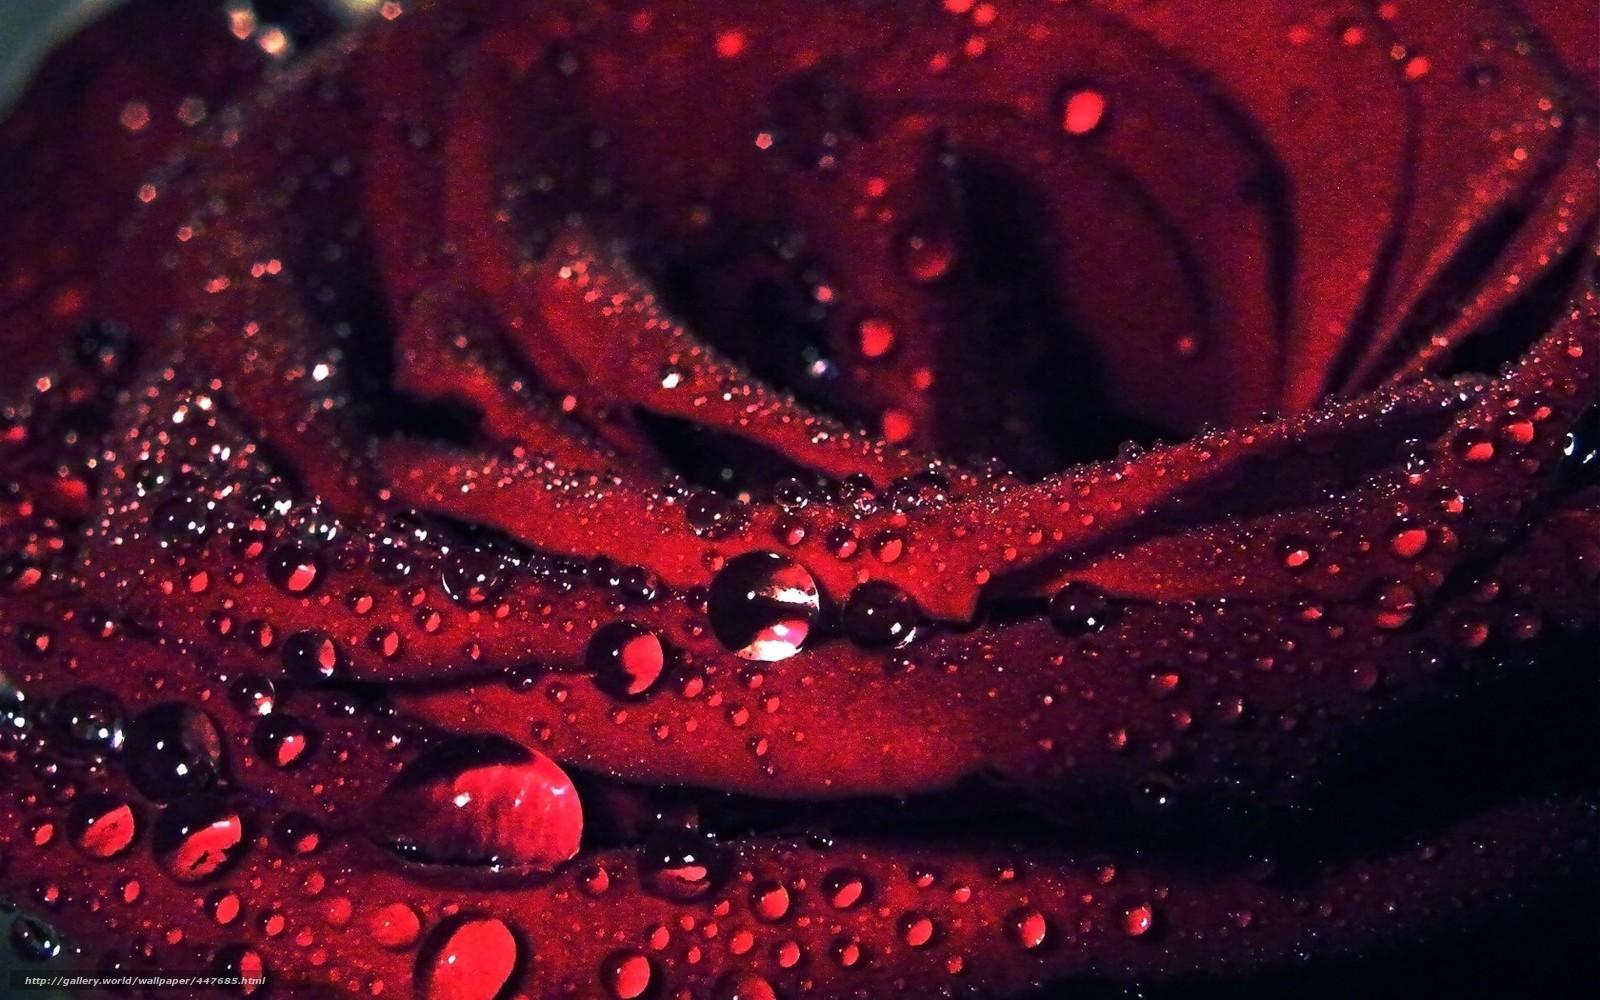 tlcharger fond d'ecran fleur, rose, rouge, macro fonds d'ecran